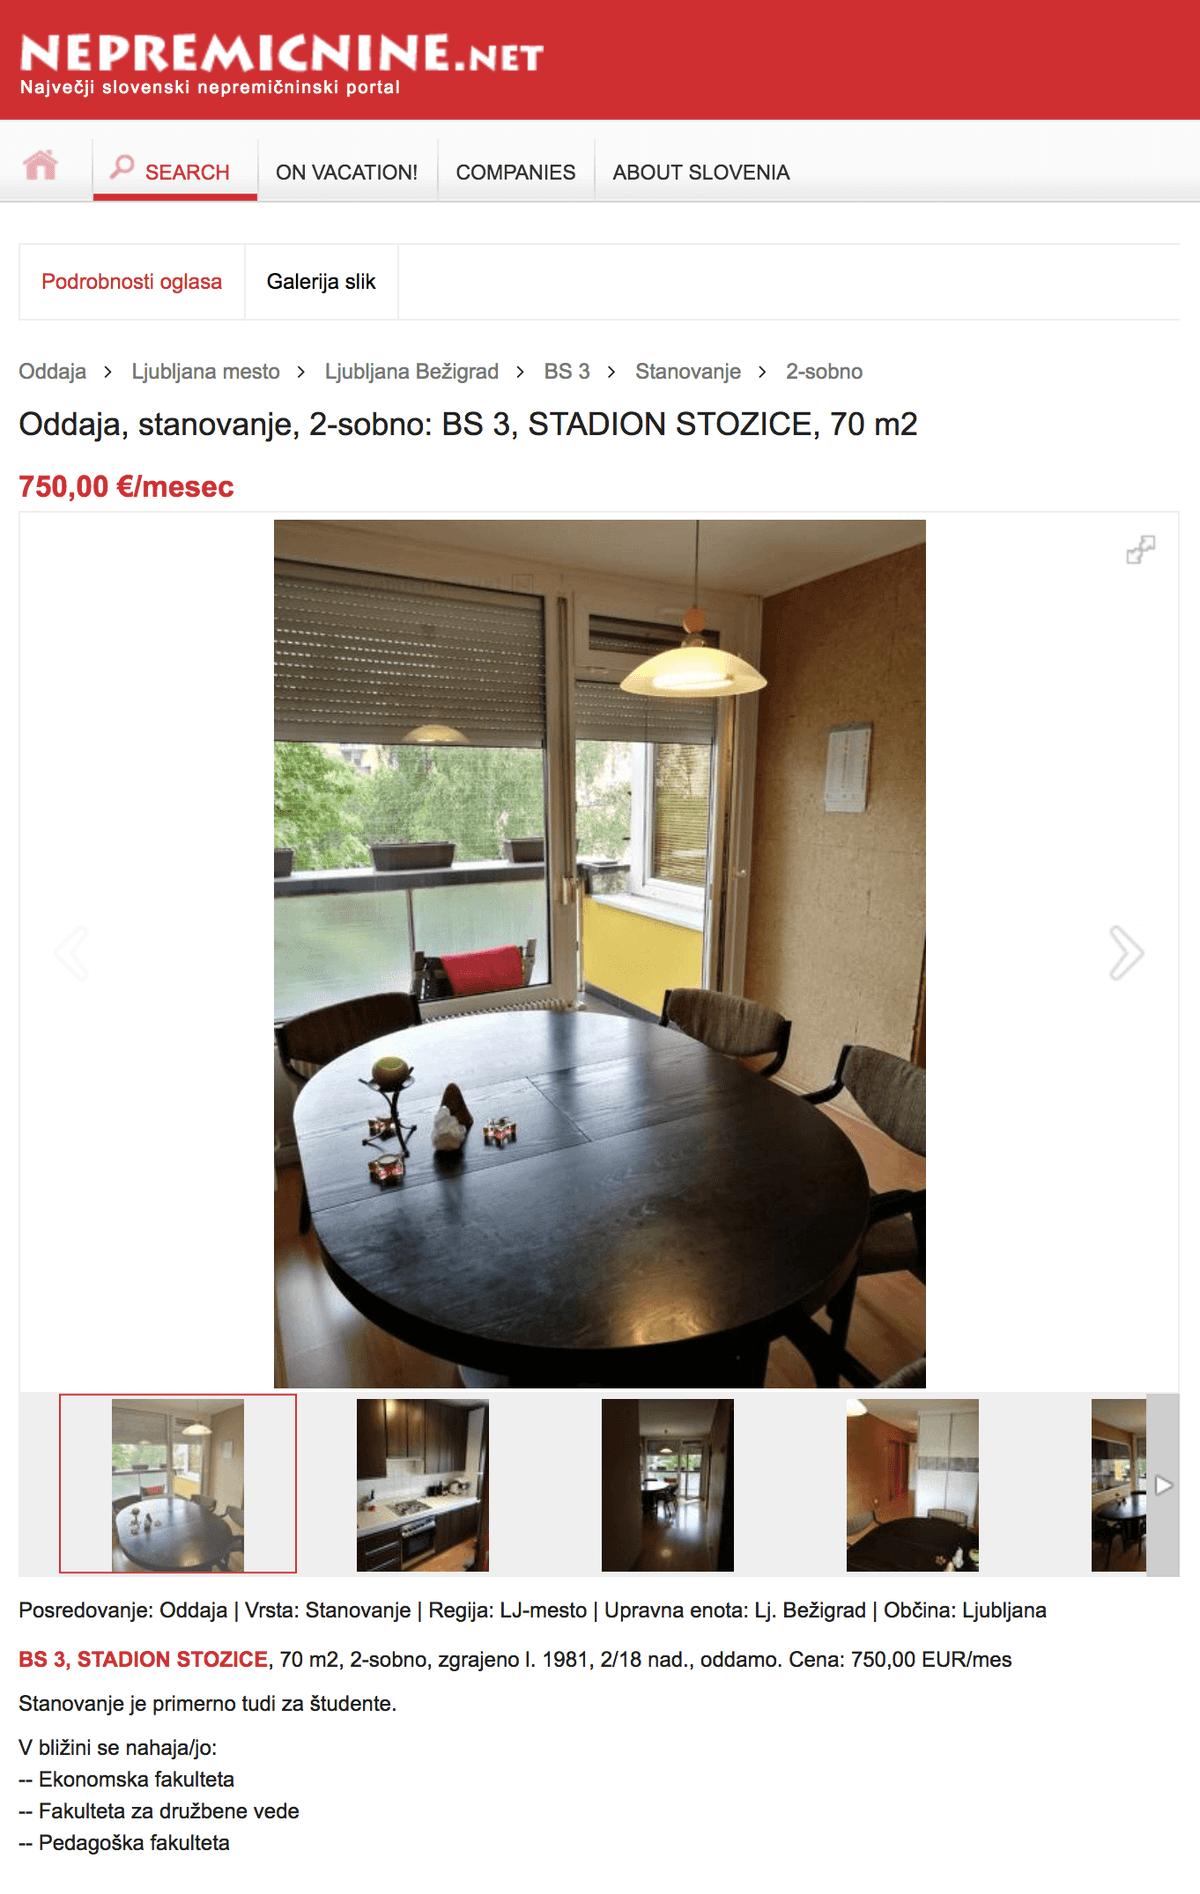 За 750€ можно снять двухкомнатную квартиру в престижном районе Любляны Бежиграде. Второй этаж многоэтажного дома, 1981 год постройки